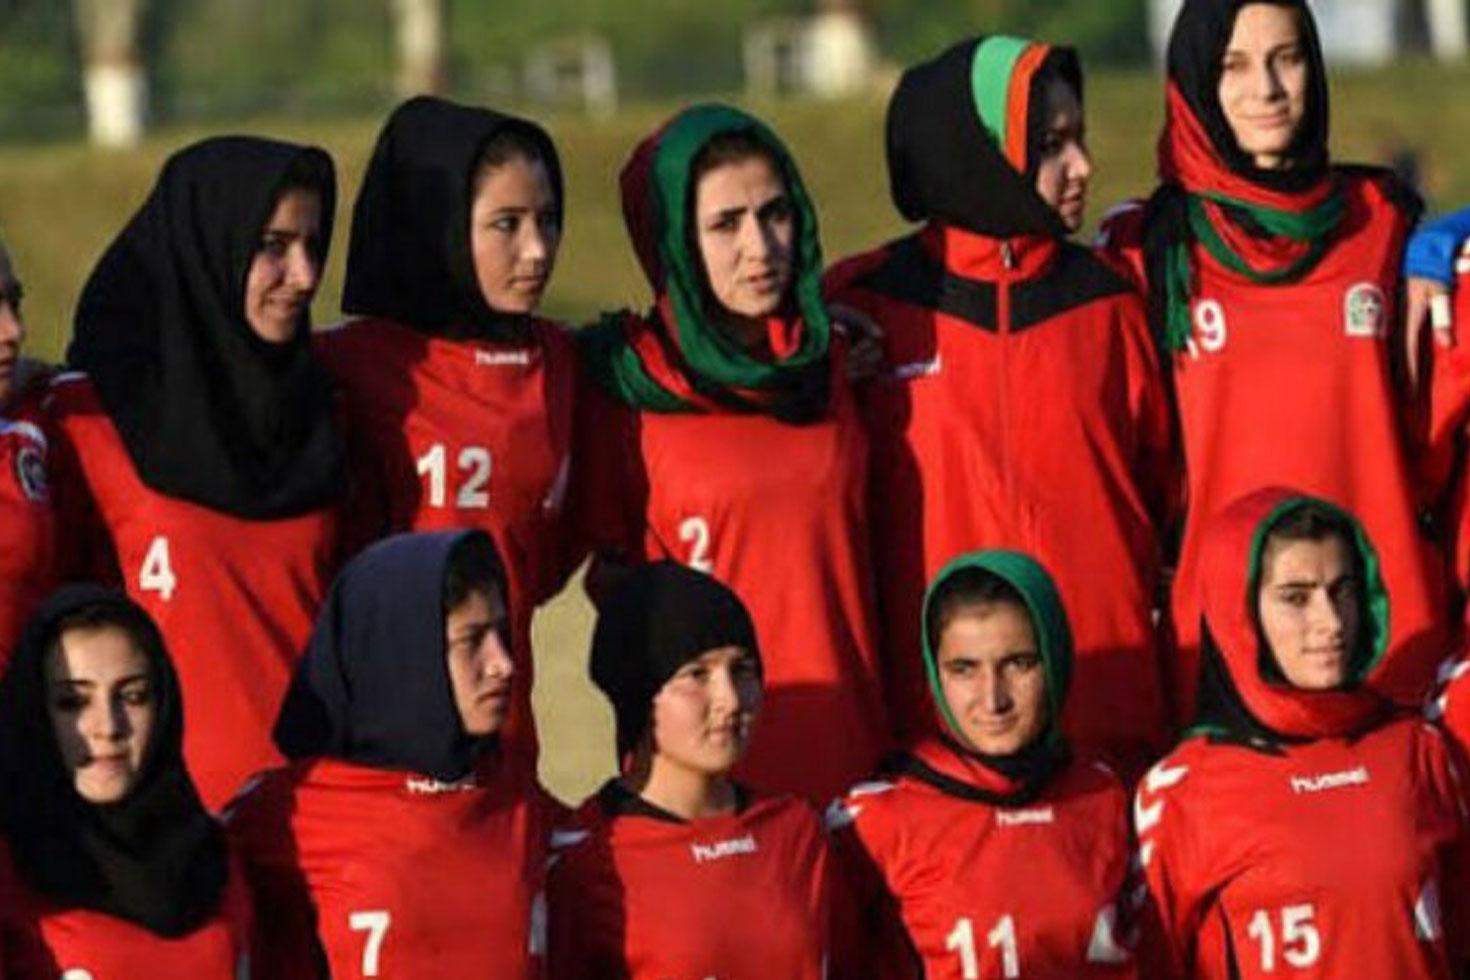 যুক্তরাজ্যে থাকতে পারবে আফগান মেয়ে ফুটবল দল